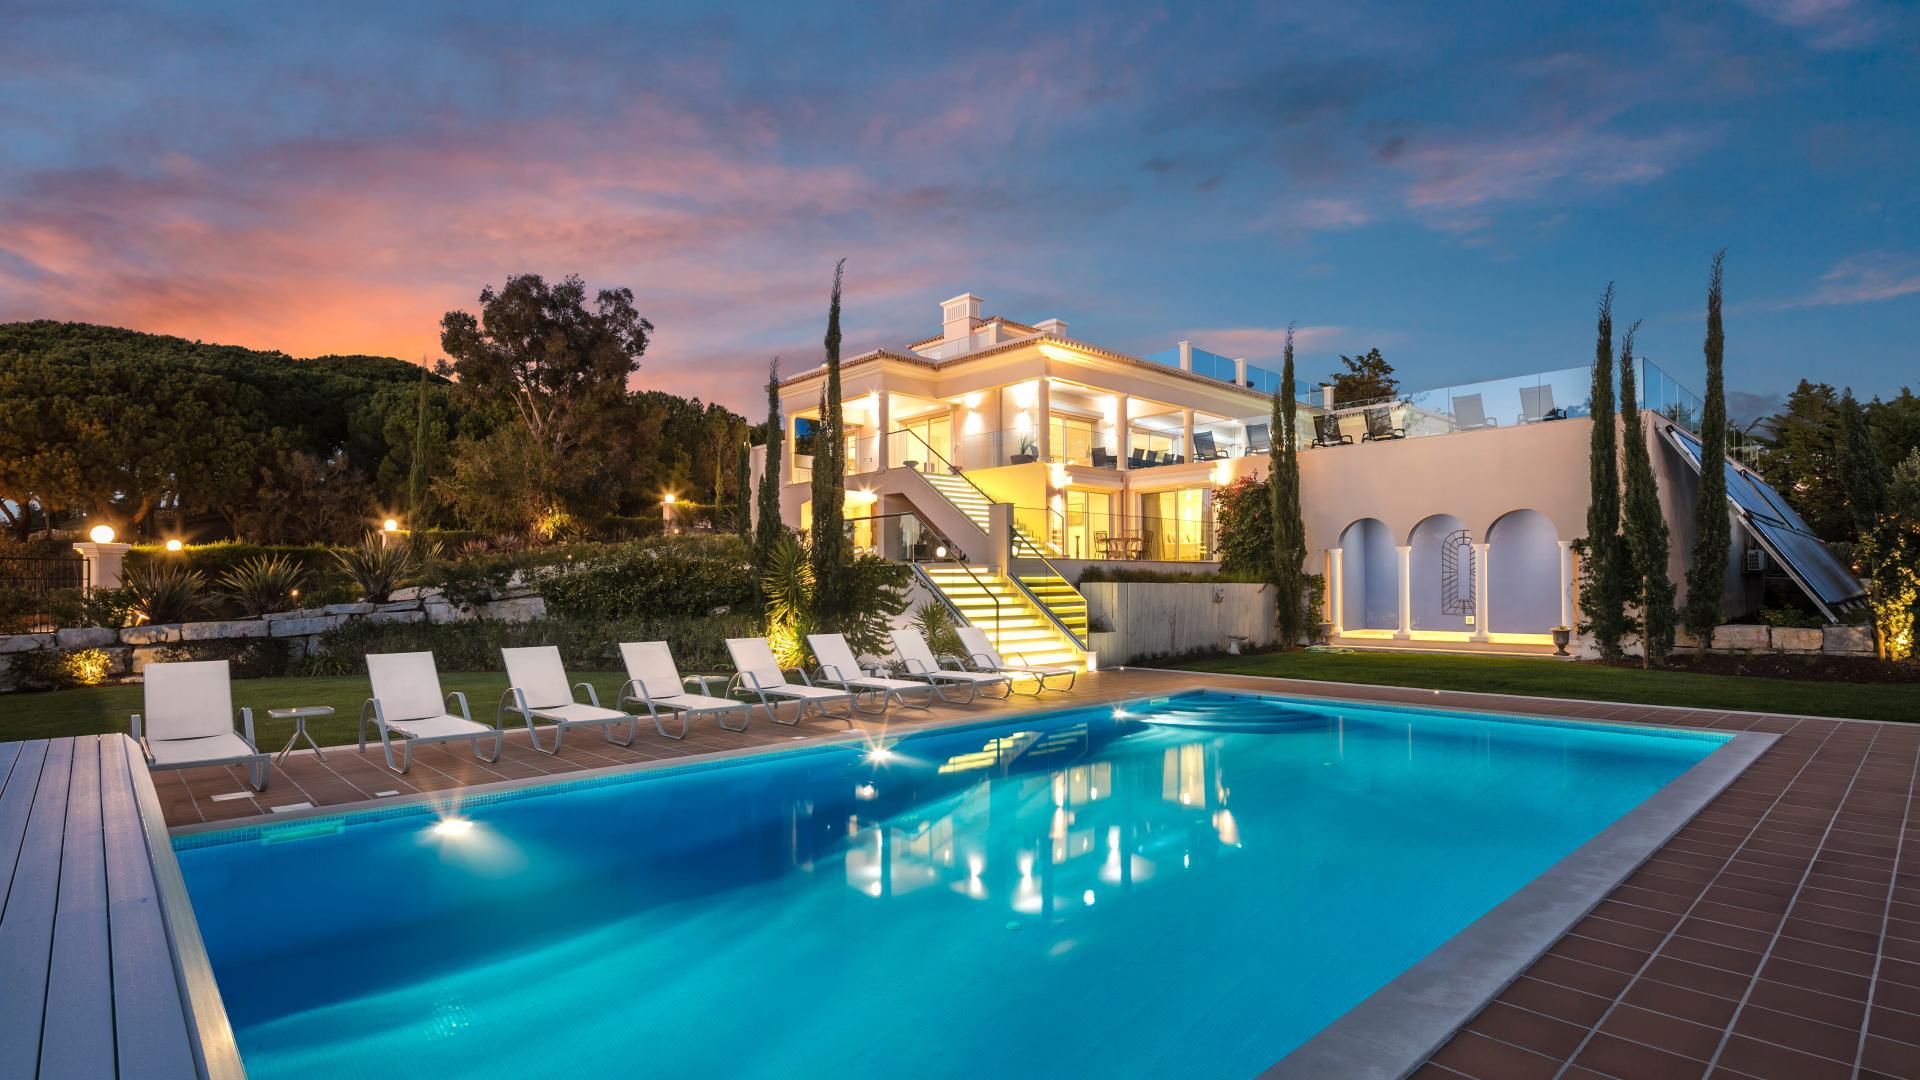 Villa Magnifica - Quinta do Lago, Algarve - 1.png